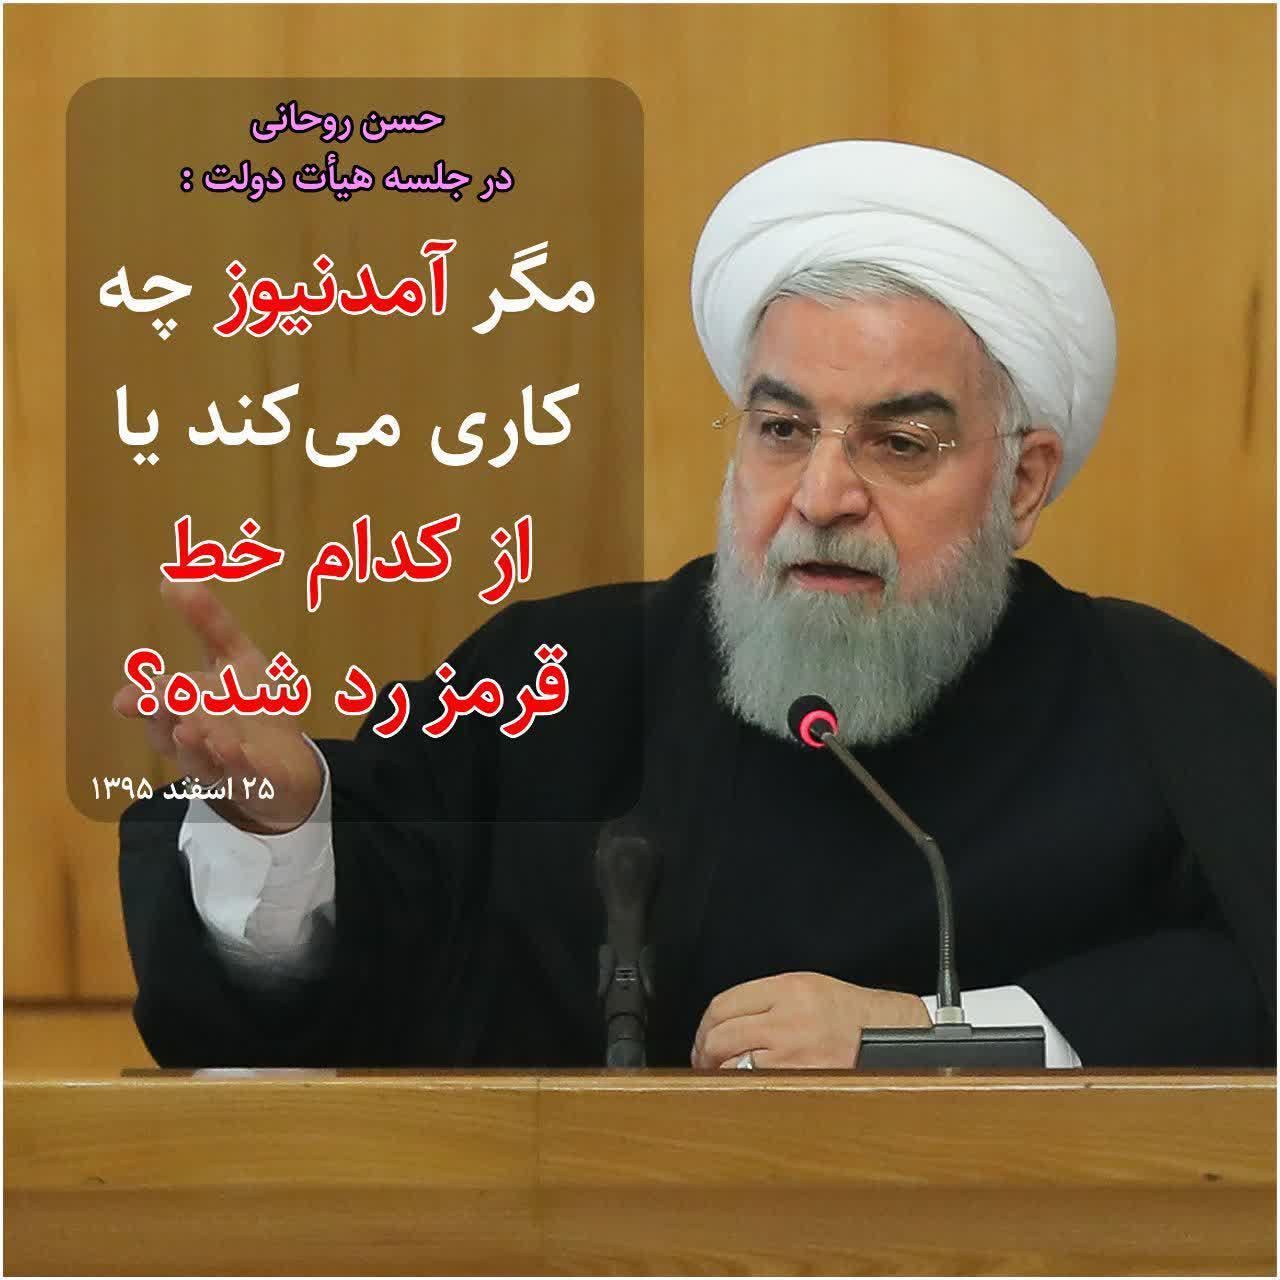 amadnews%20%283%29 شکایت وزیر اطلاعات از حسن عباسی به بهانه بیان ارتباط و رابطه آمدنیوز و همچنين وزیر اطلاعات + اسناد